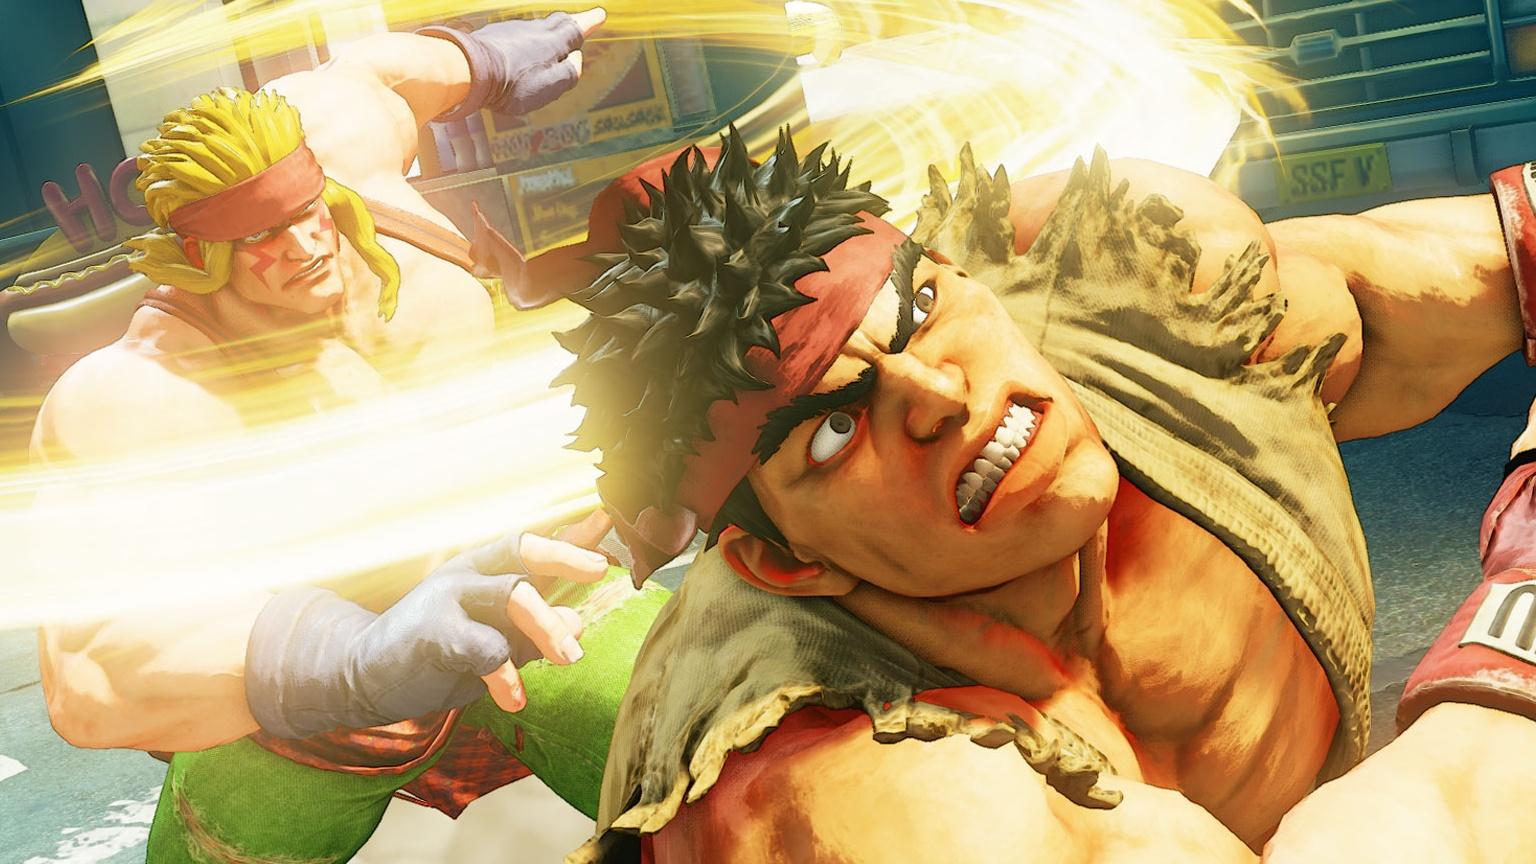 Η Capcom απέρριψε την ιδέα Street Fighter χαρακτήρα στο Mortal Kombat